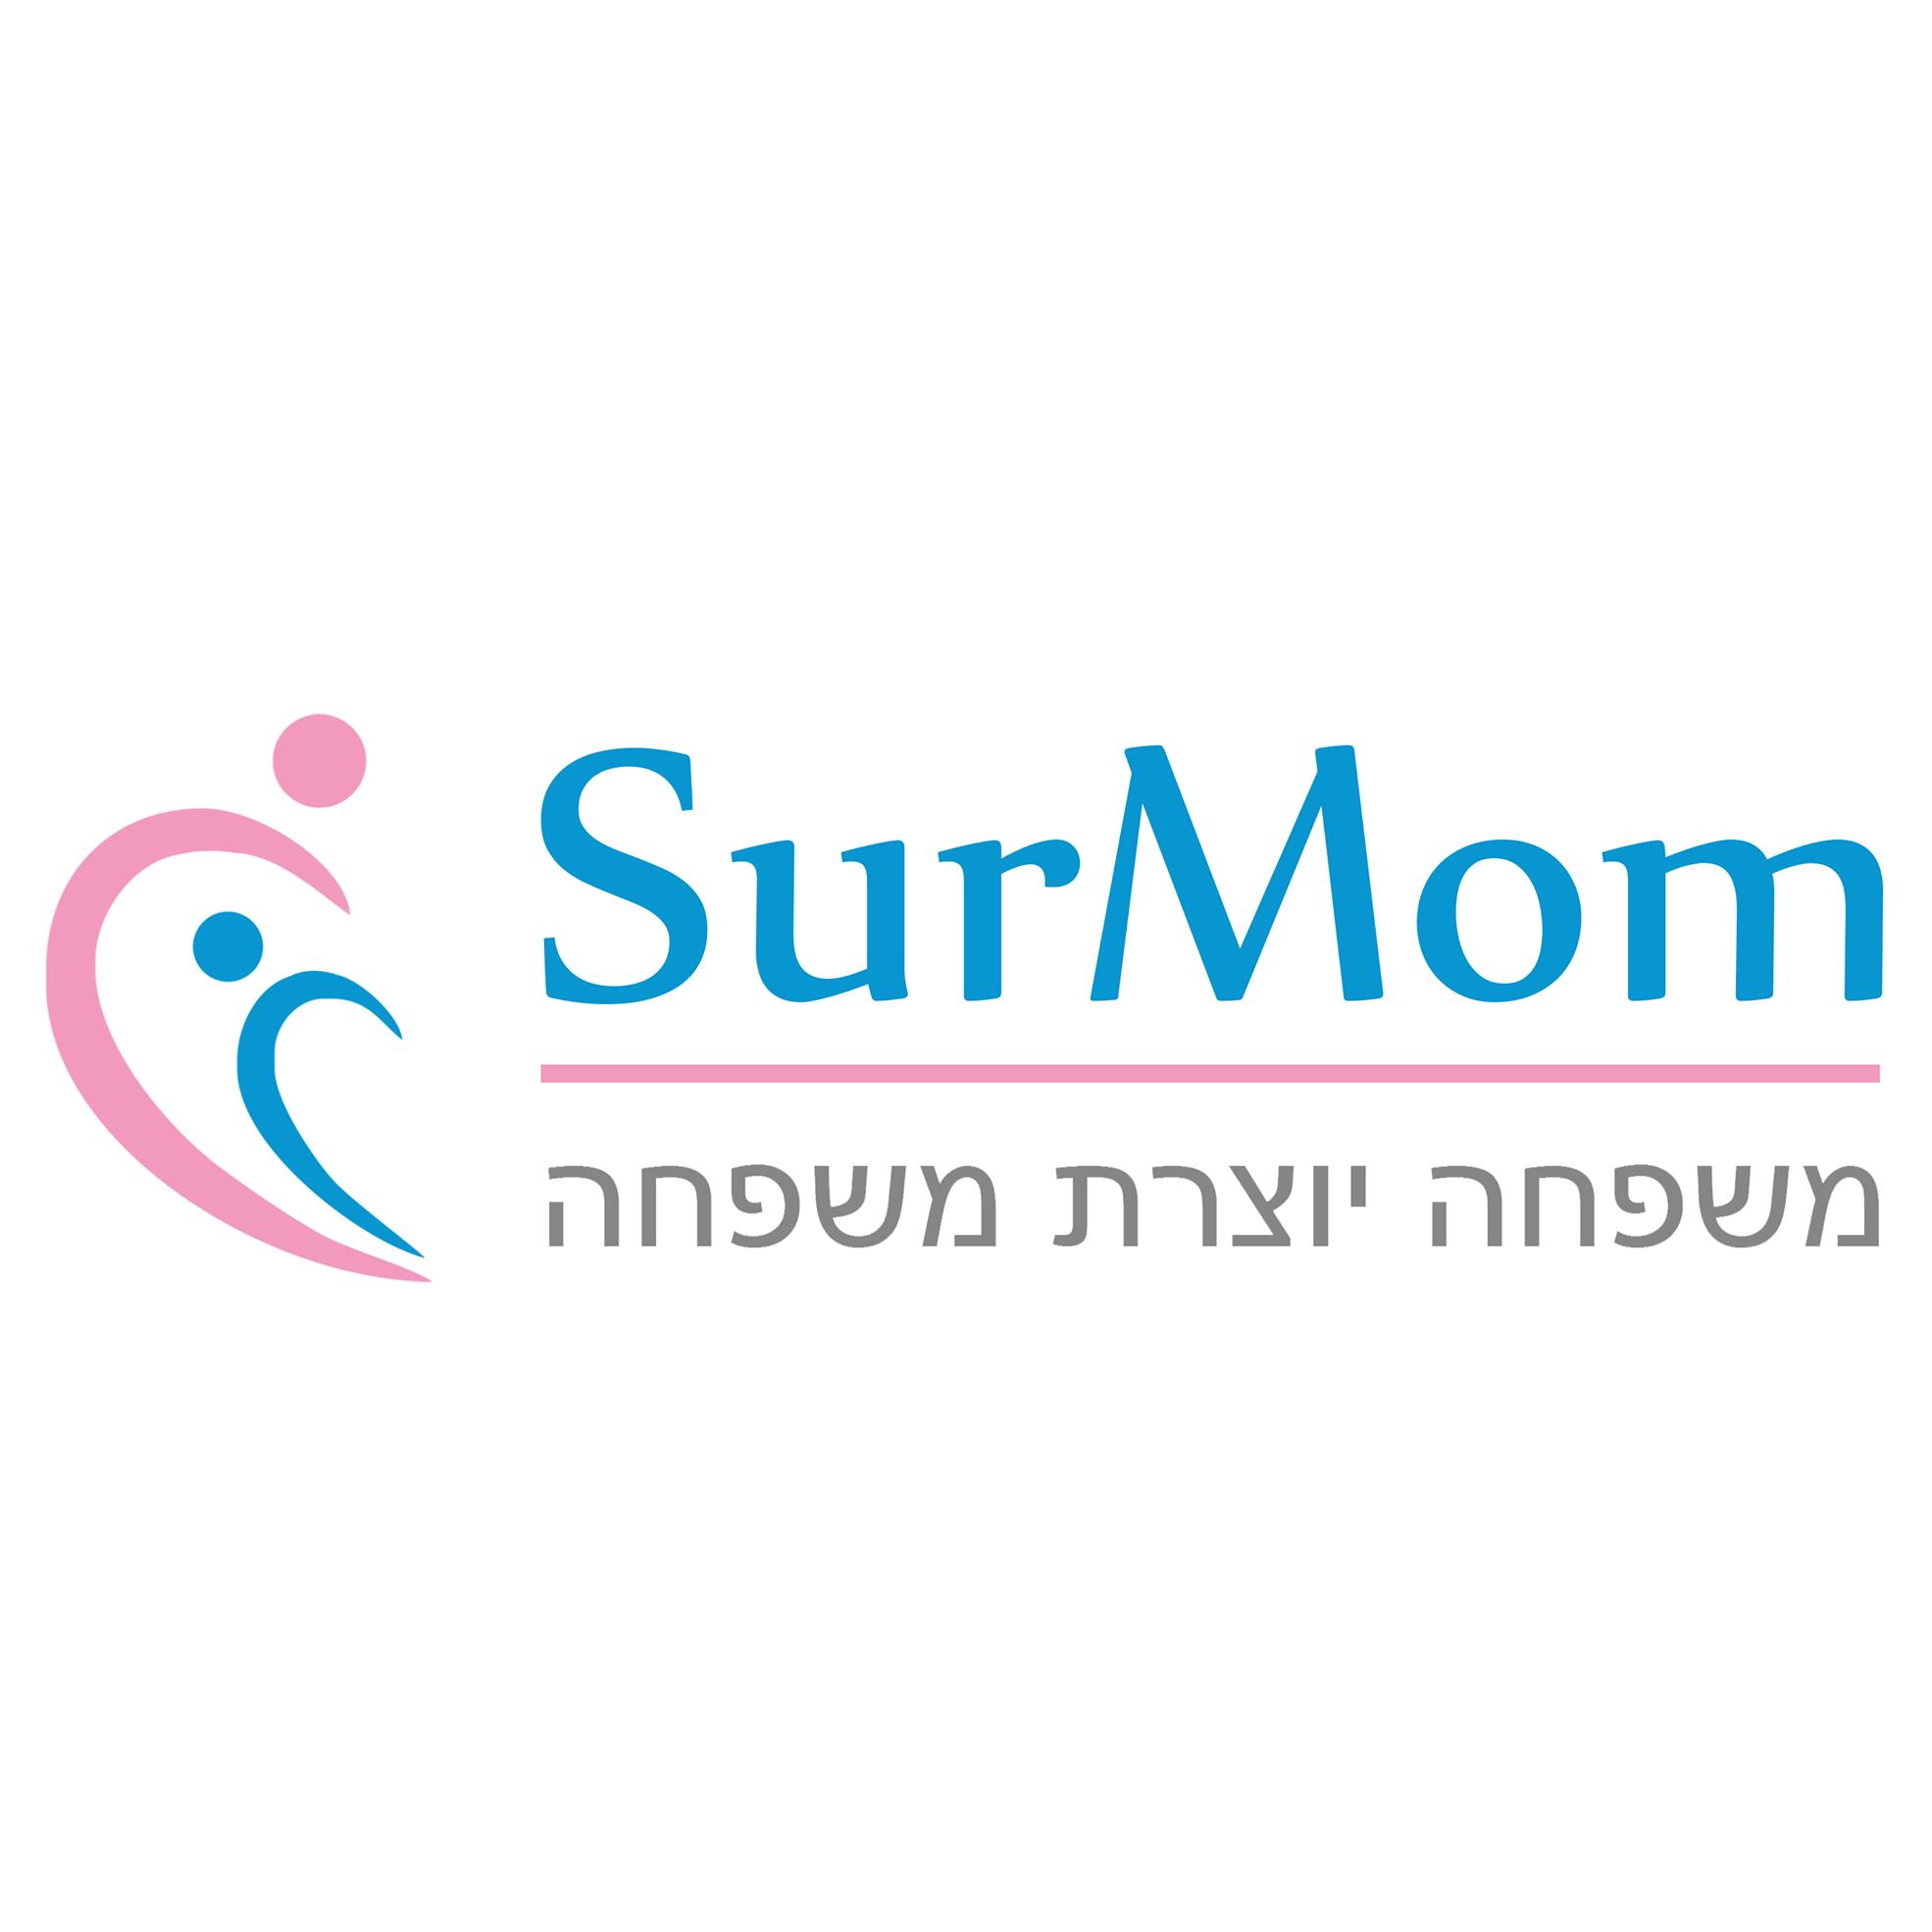 סרמום- SurMom